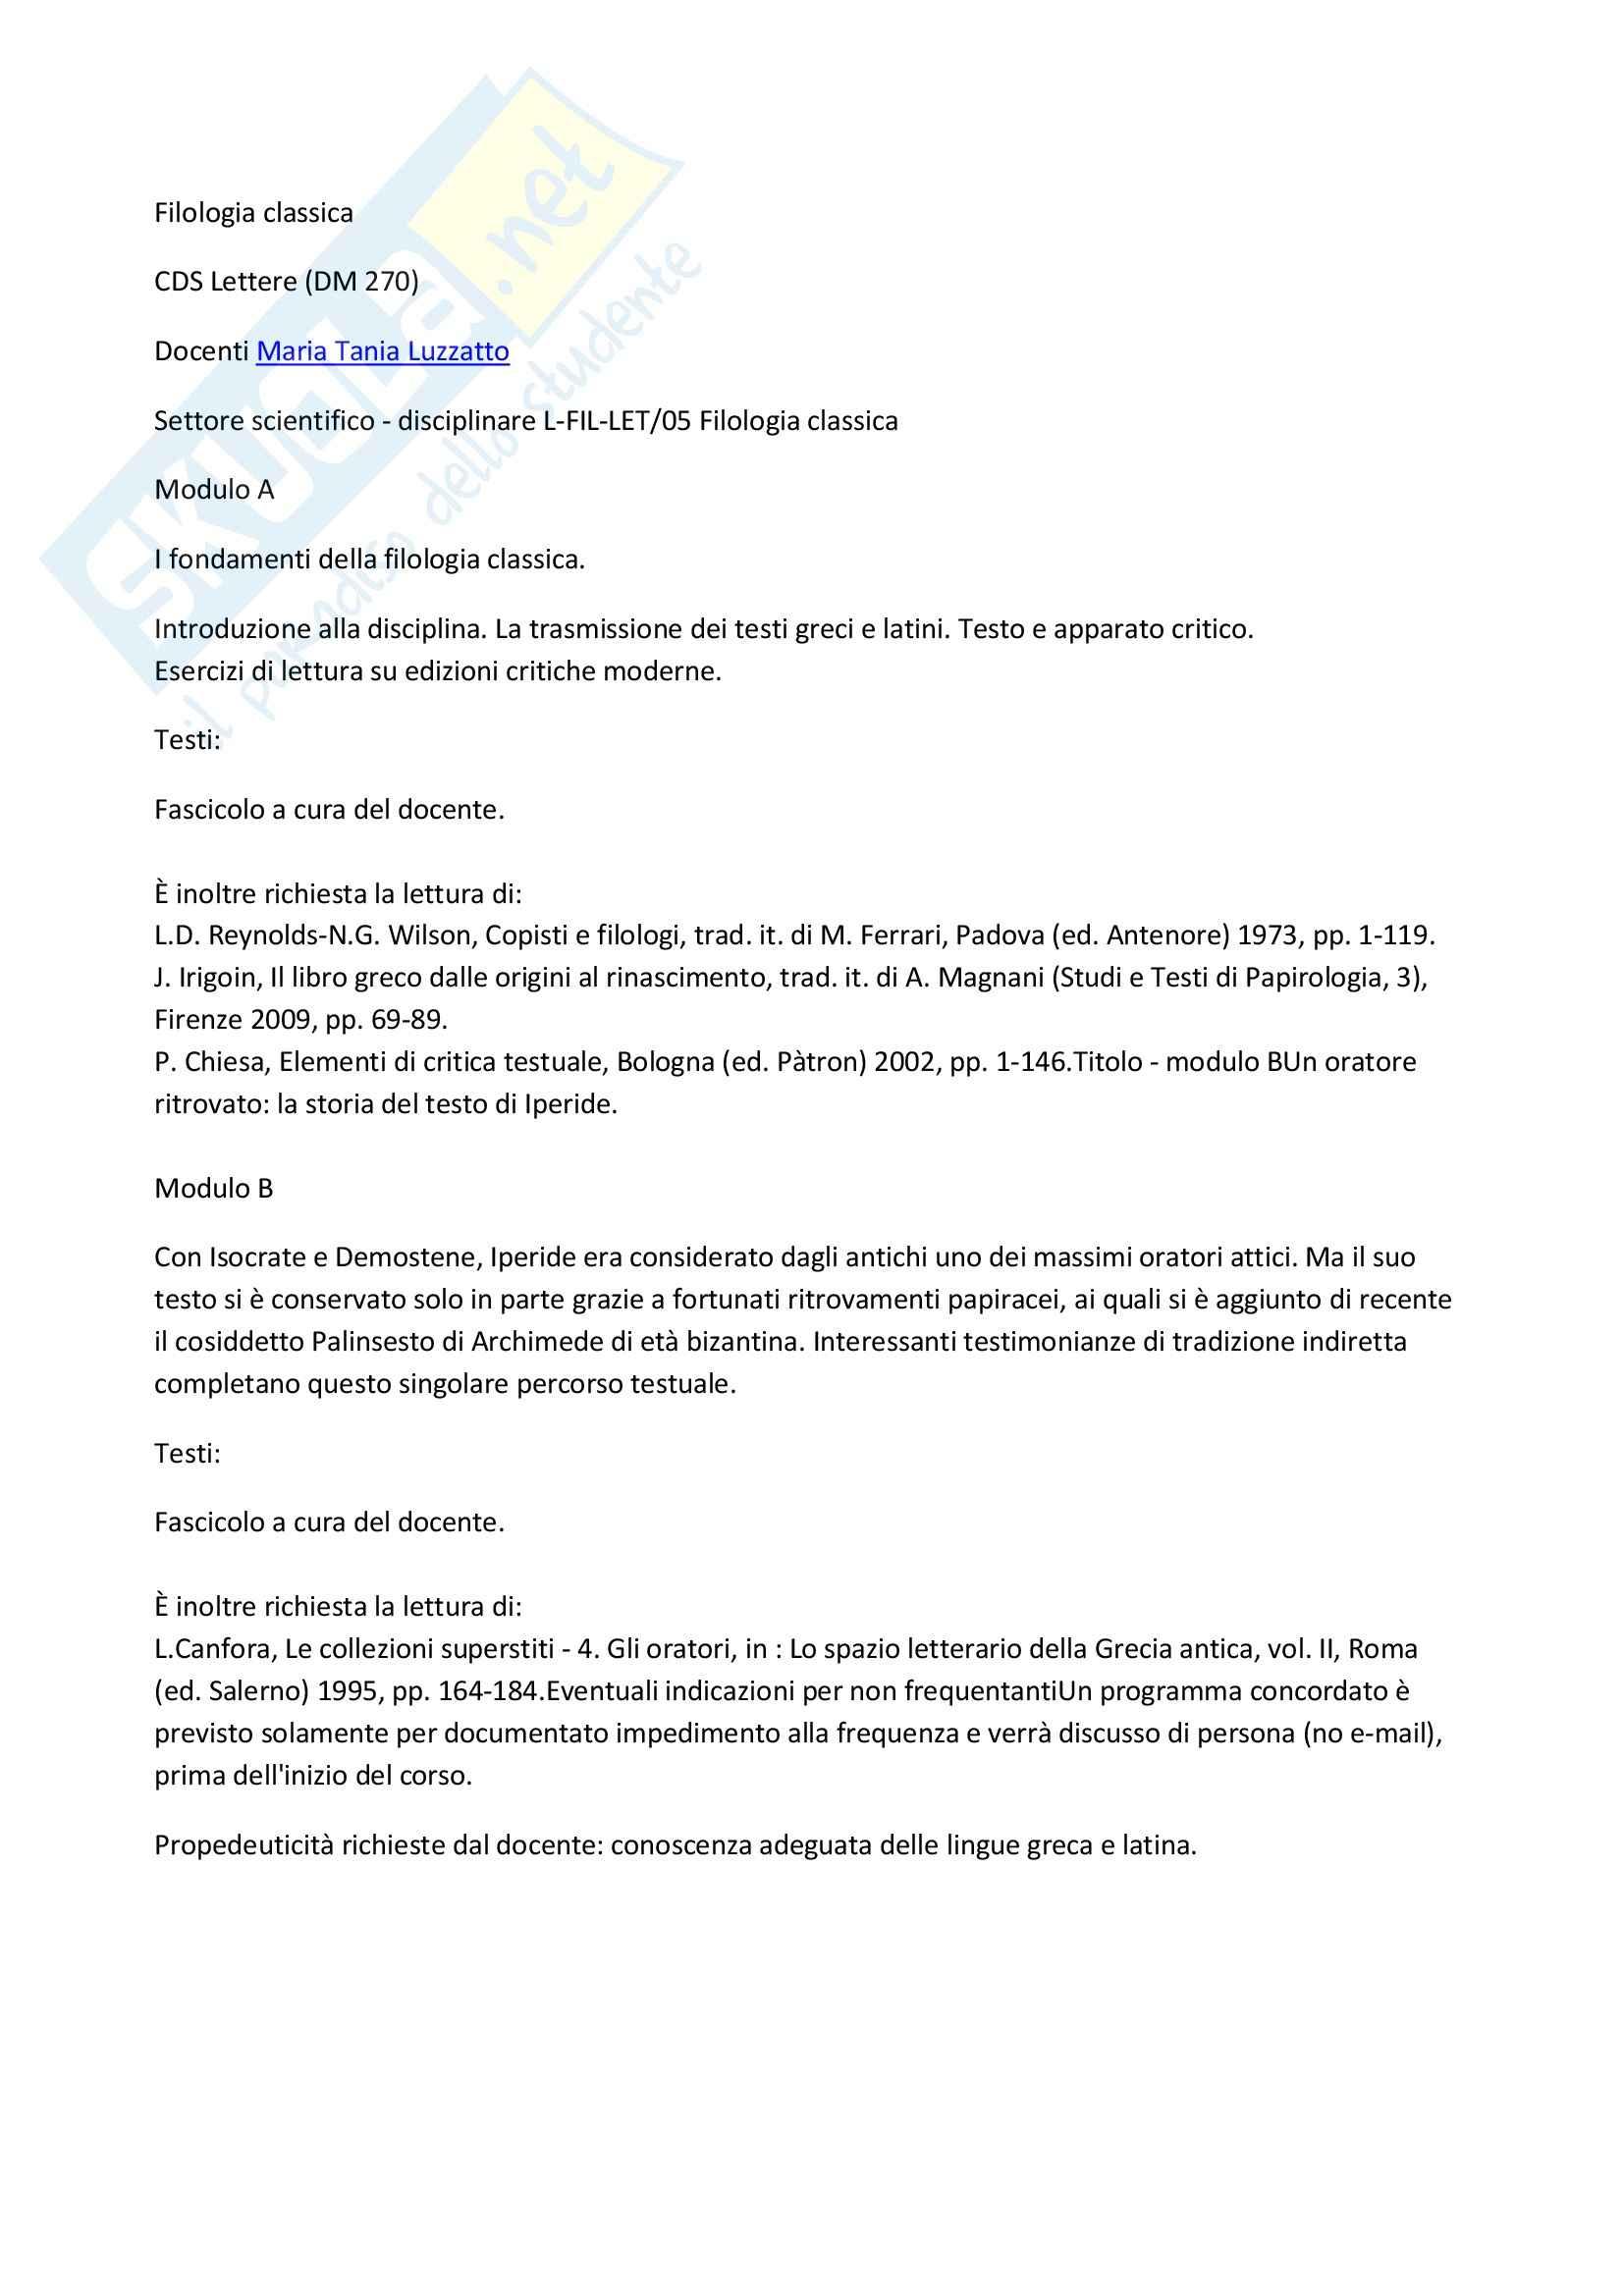 Fondamenti della filologia classica.